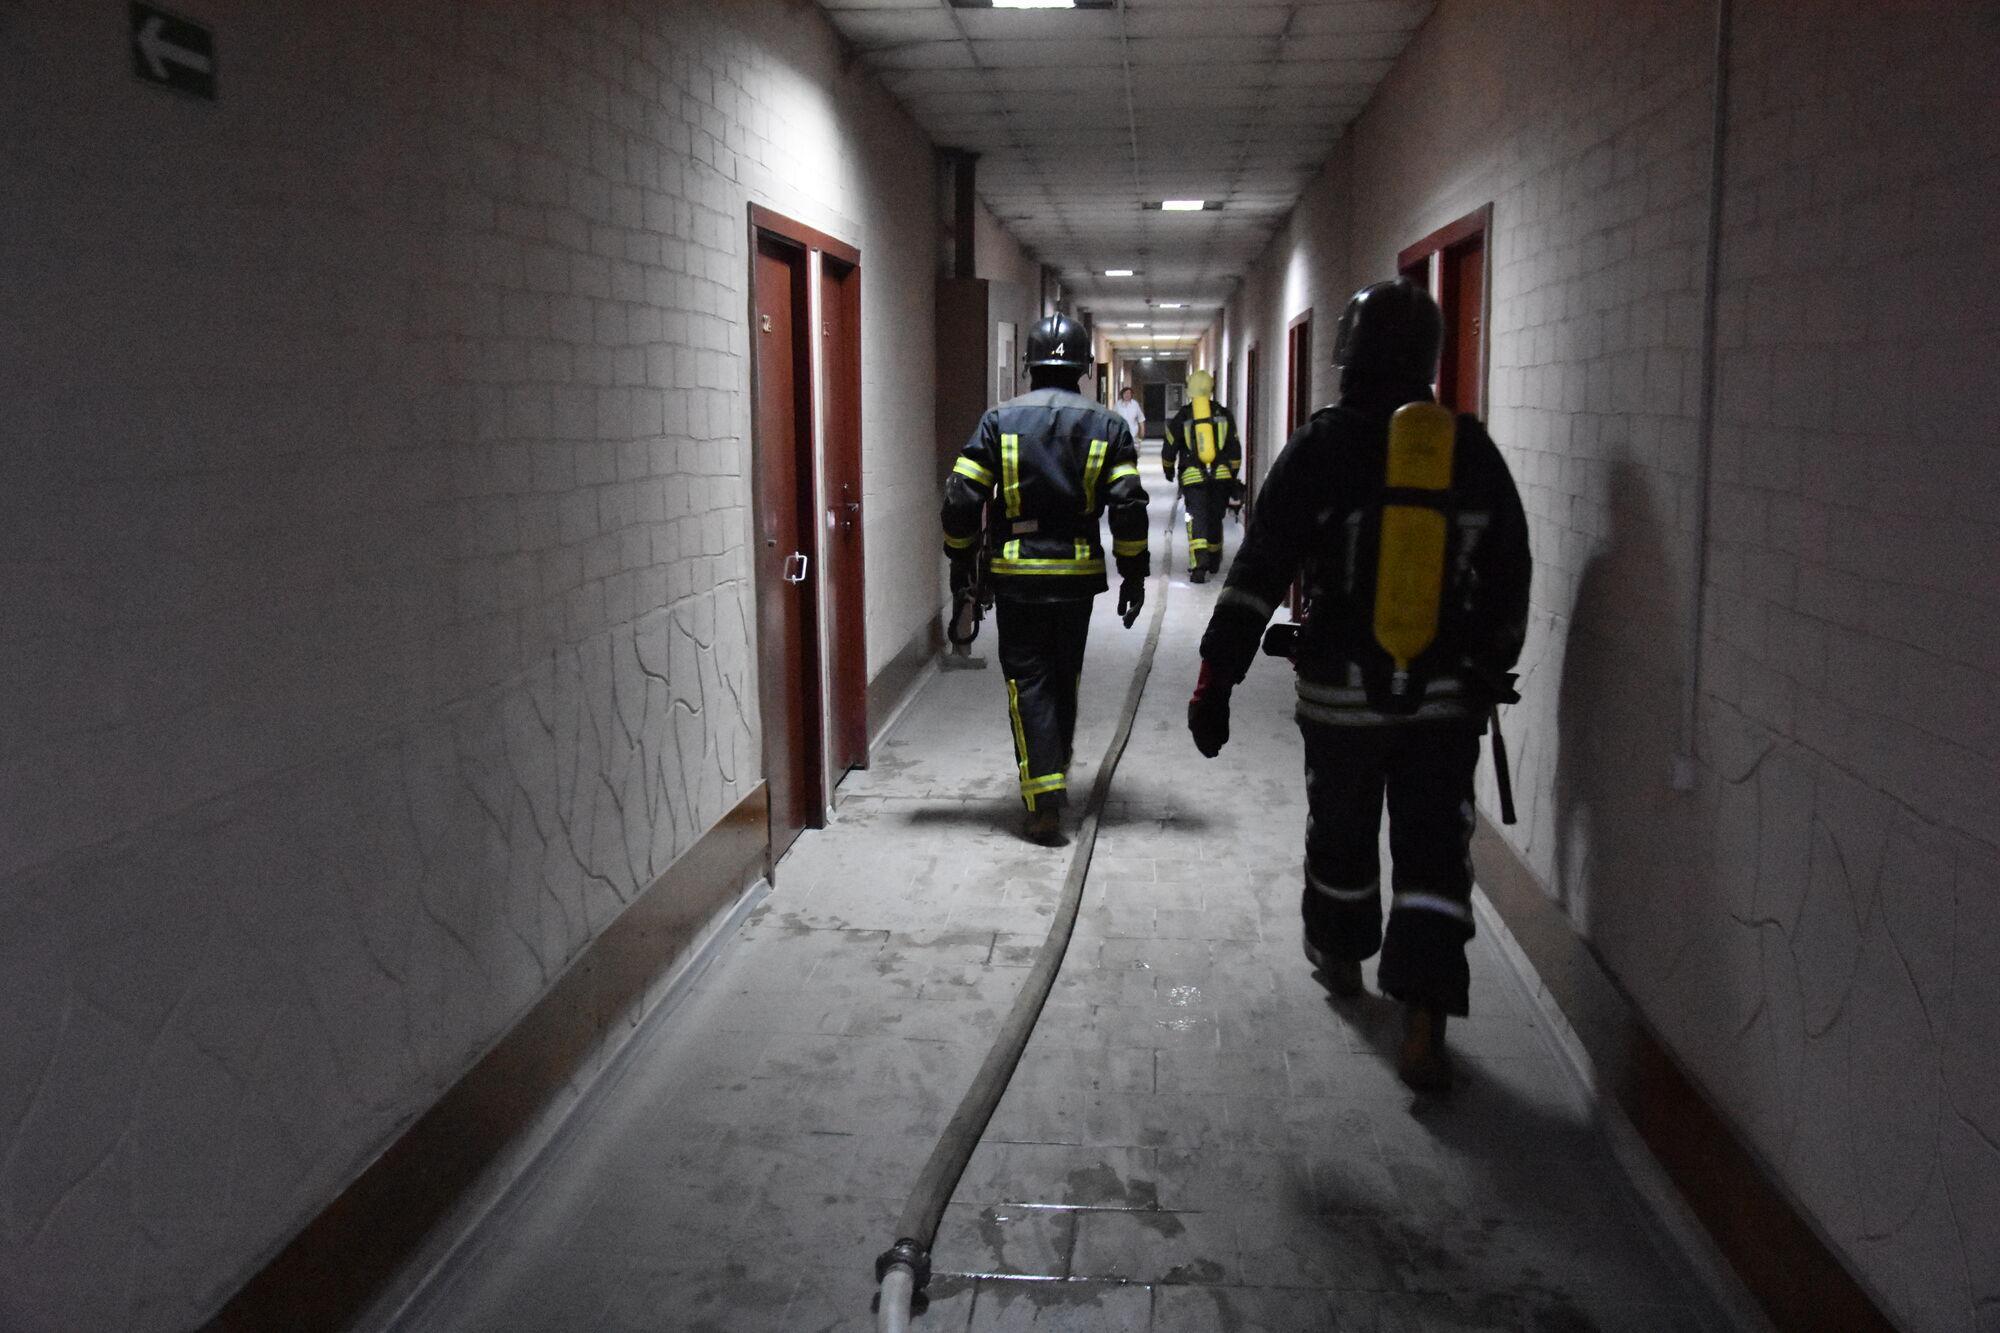 У пожежі постраждав чоловік із обмеженими фізичними можливостями